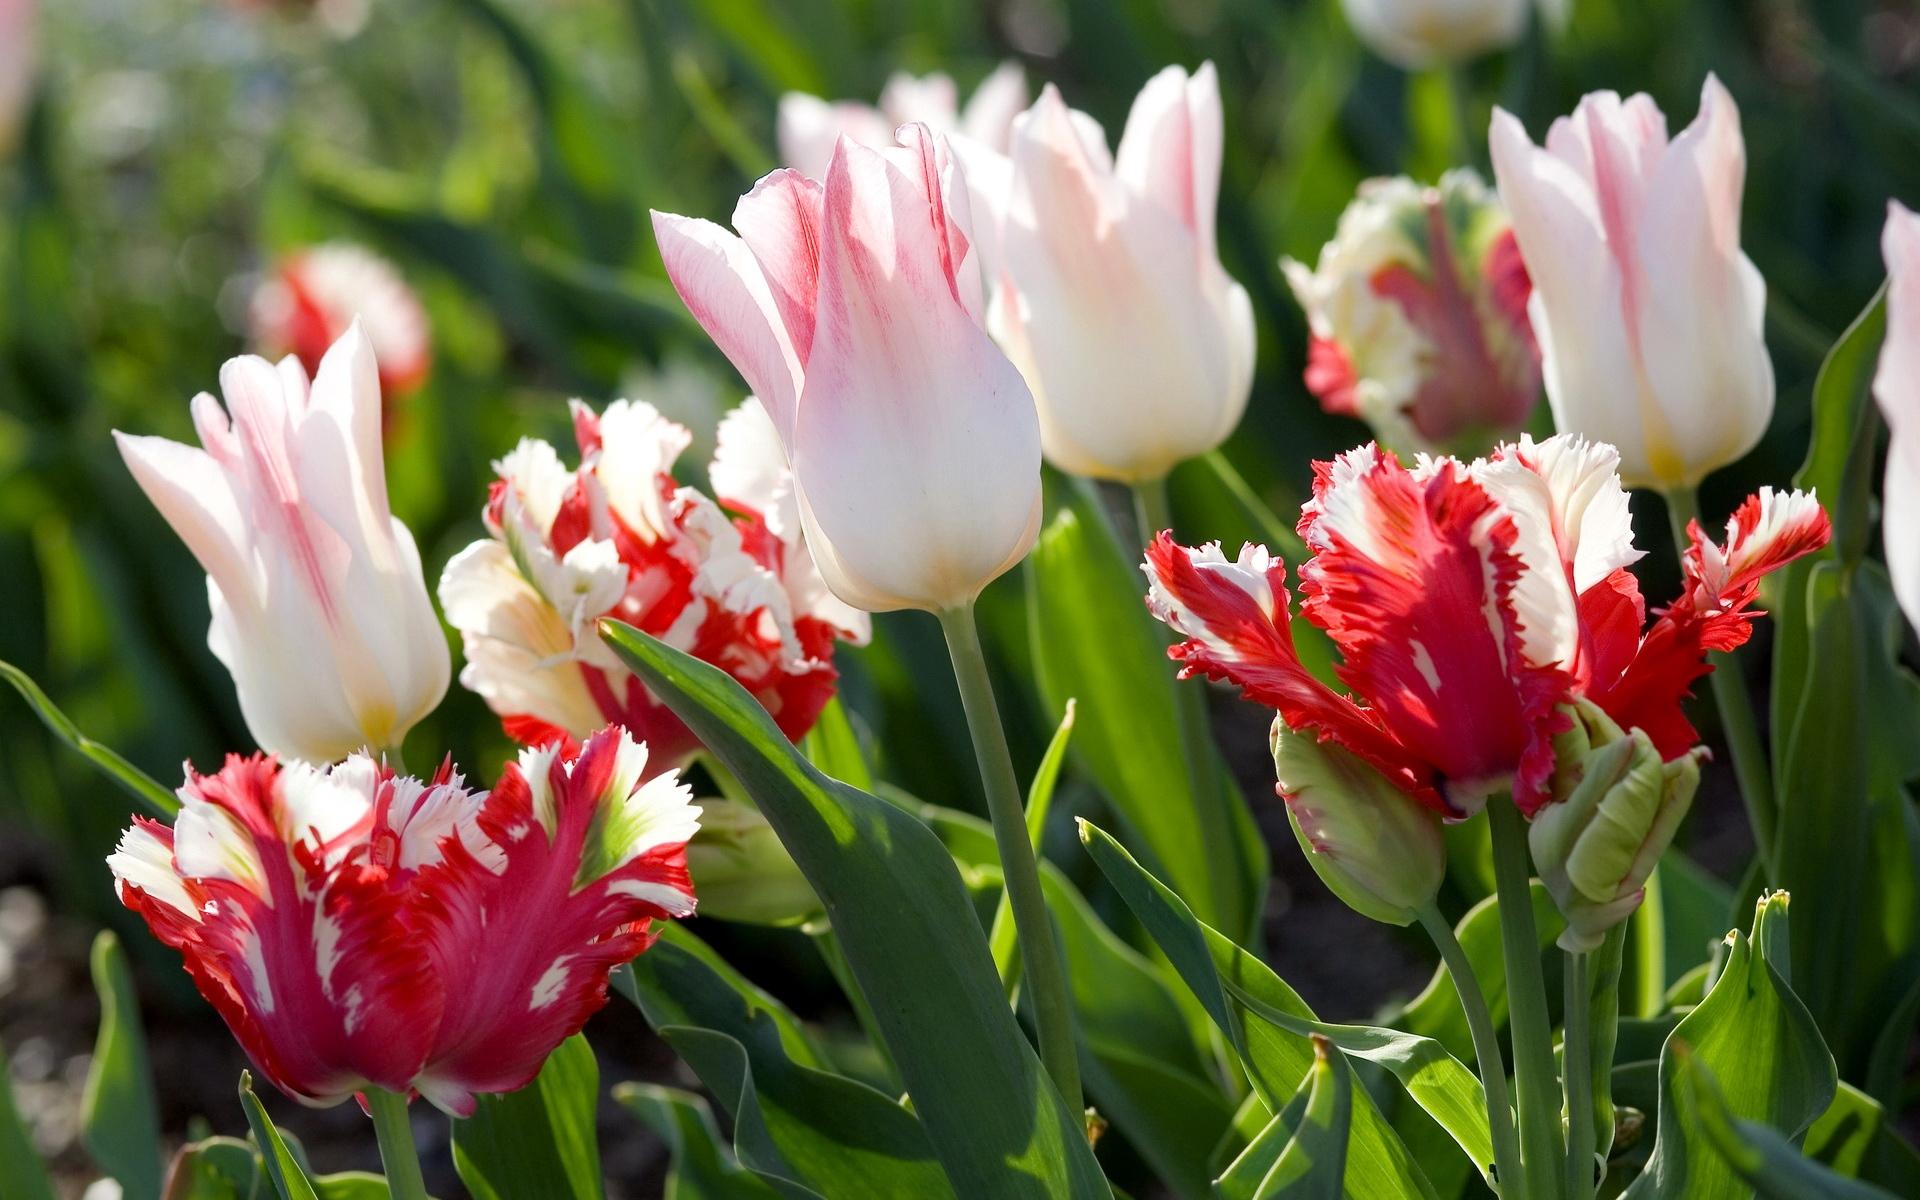 Ảnh hoa Tulip đẹp, rực rỡ nhất